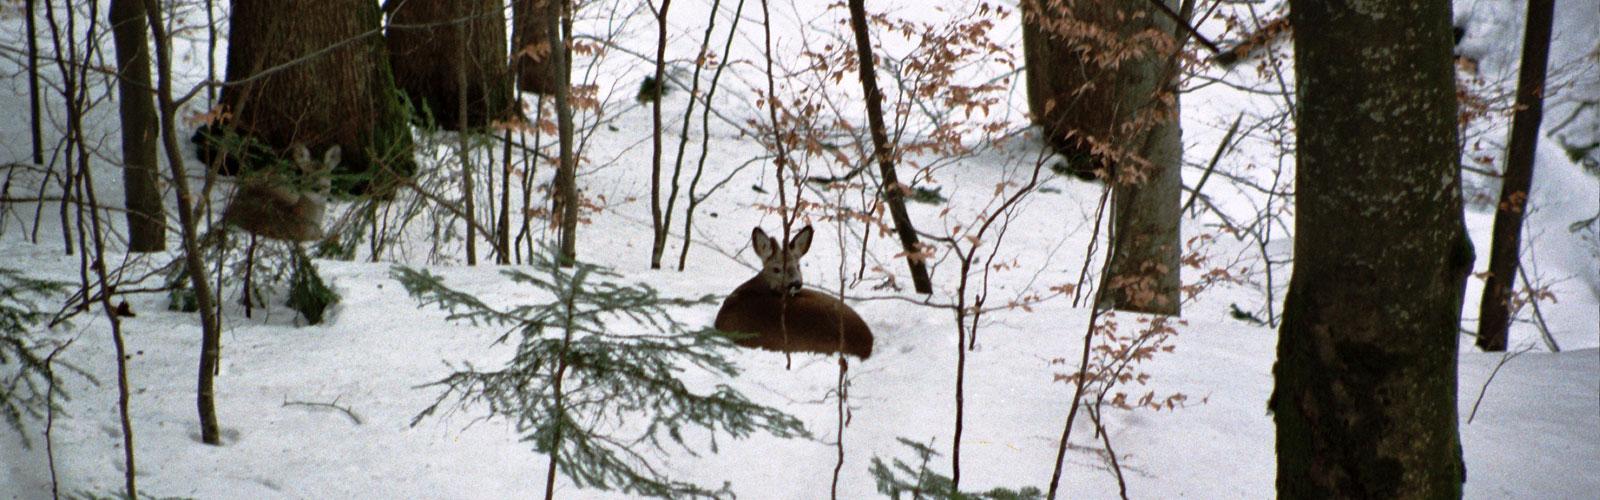 nacionalni-park-kozara-posebno-loviste-5